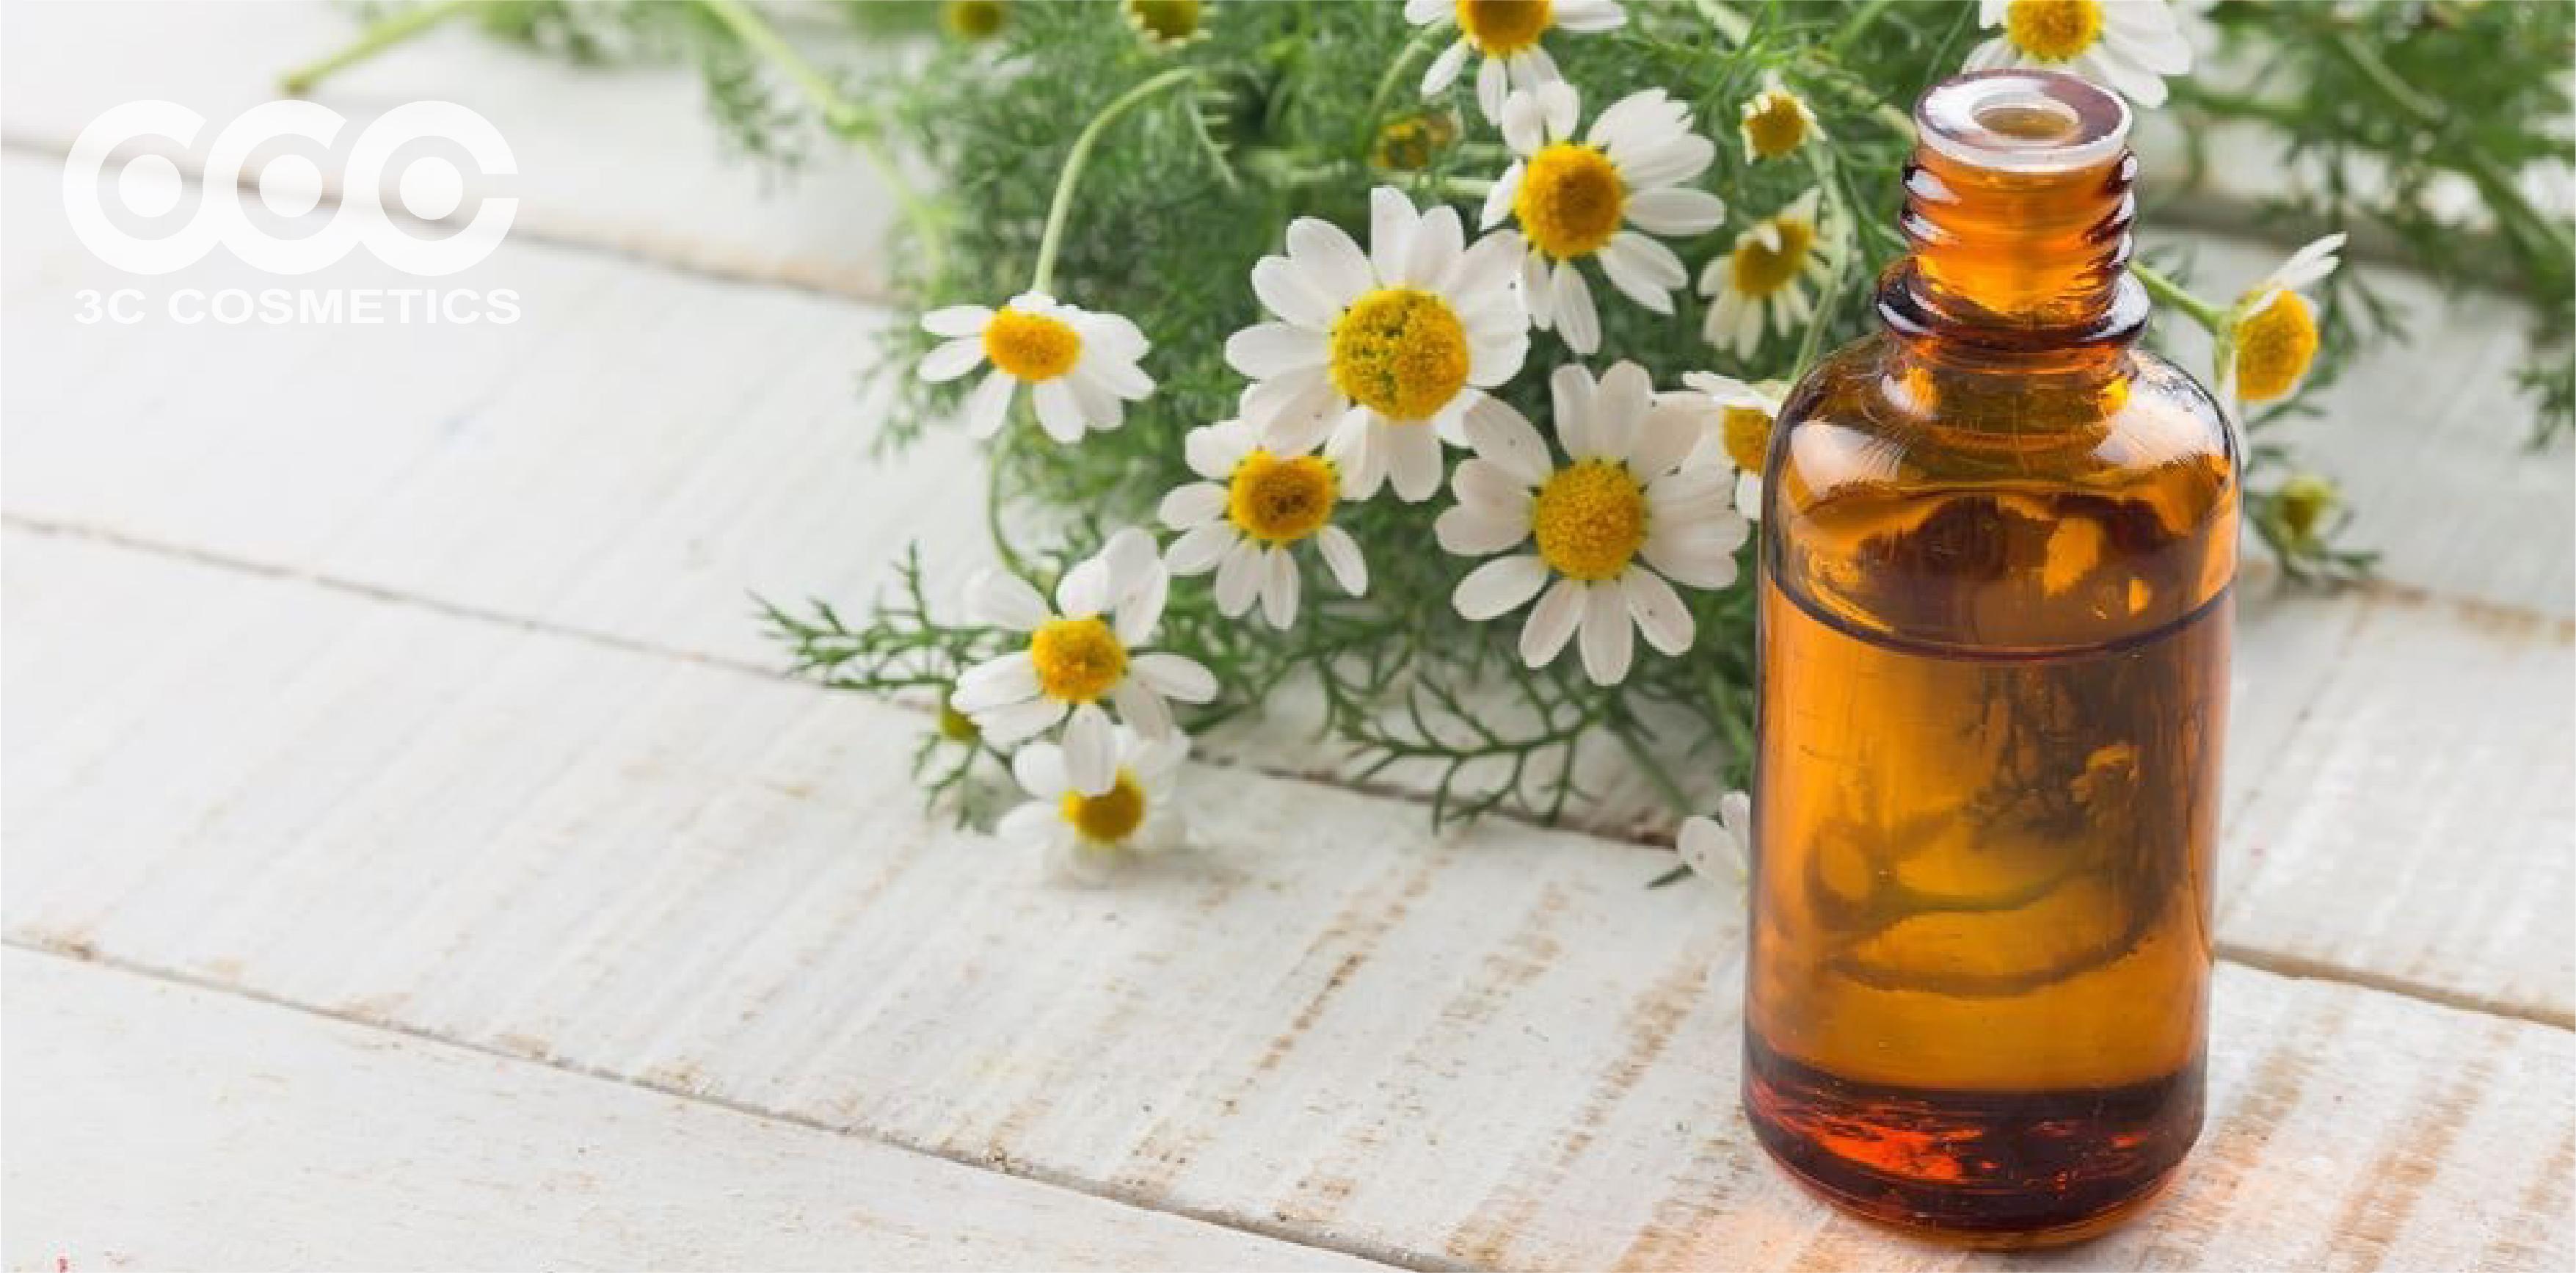 Những công dụng thần kì của tinh dầu hoa cúc